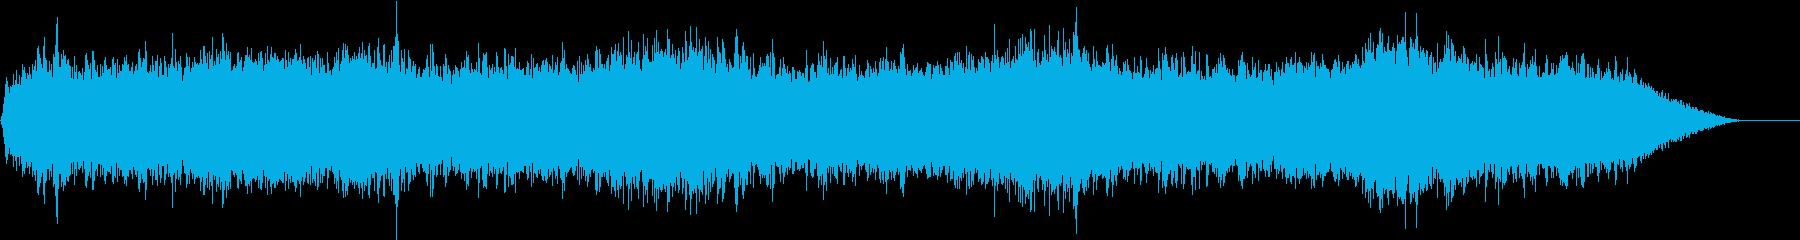 宇宙ステーションのSE(環境音)の再生済みの波形